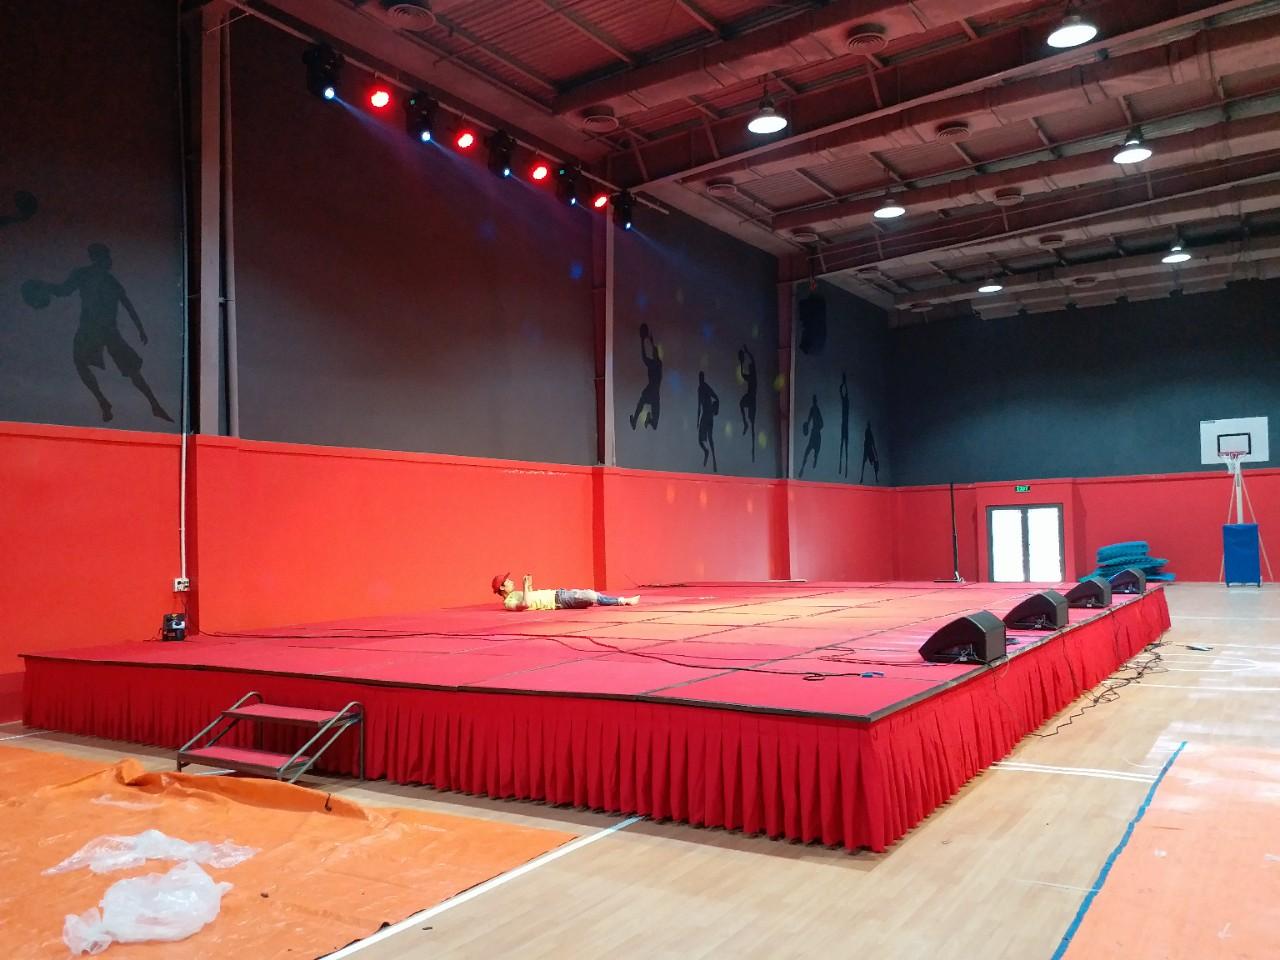 Bục sân khấu lắp ráp